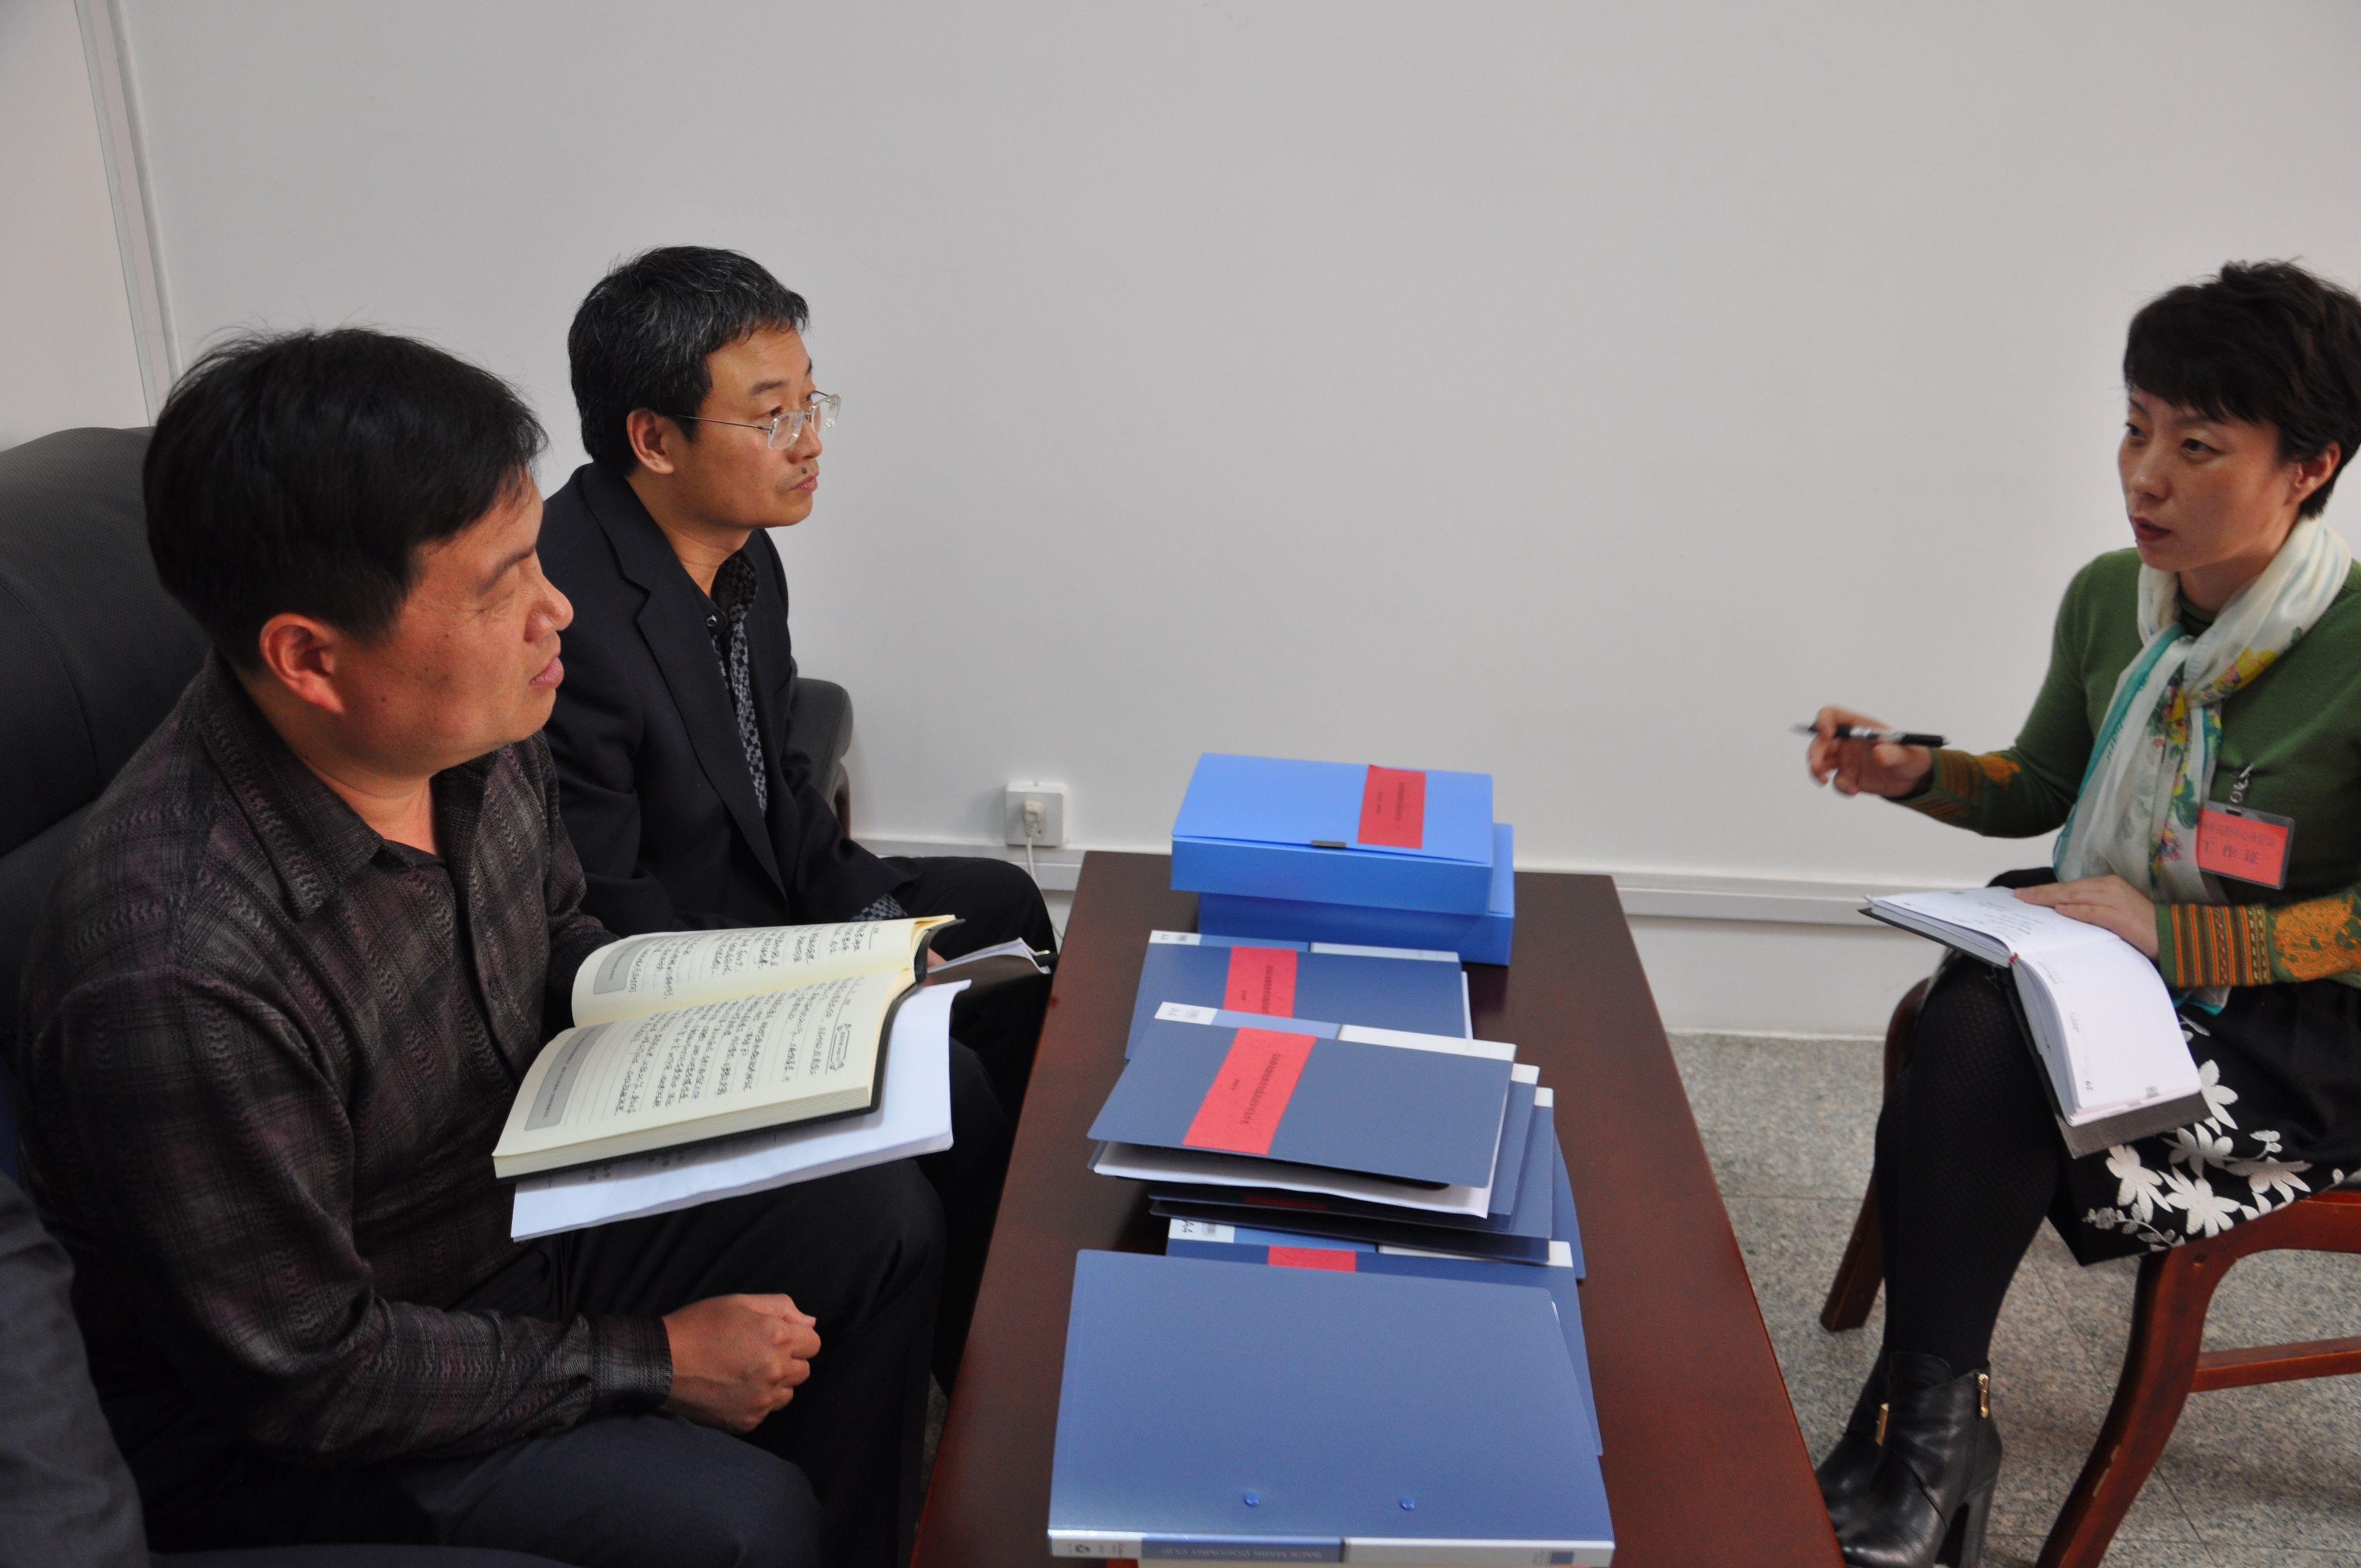 教育局_郑州市教育局党的群众路线教育实践活动第十督导组到郑州市中小学卫生